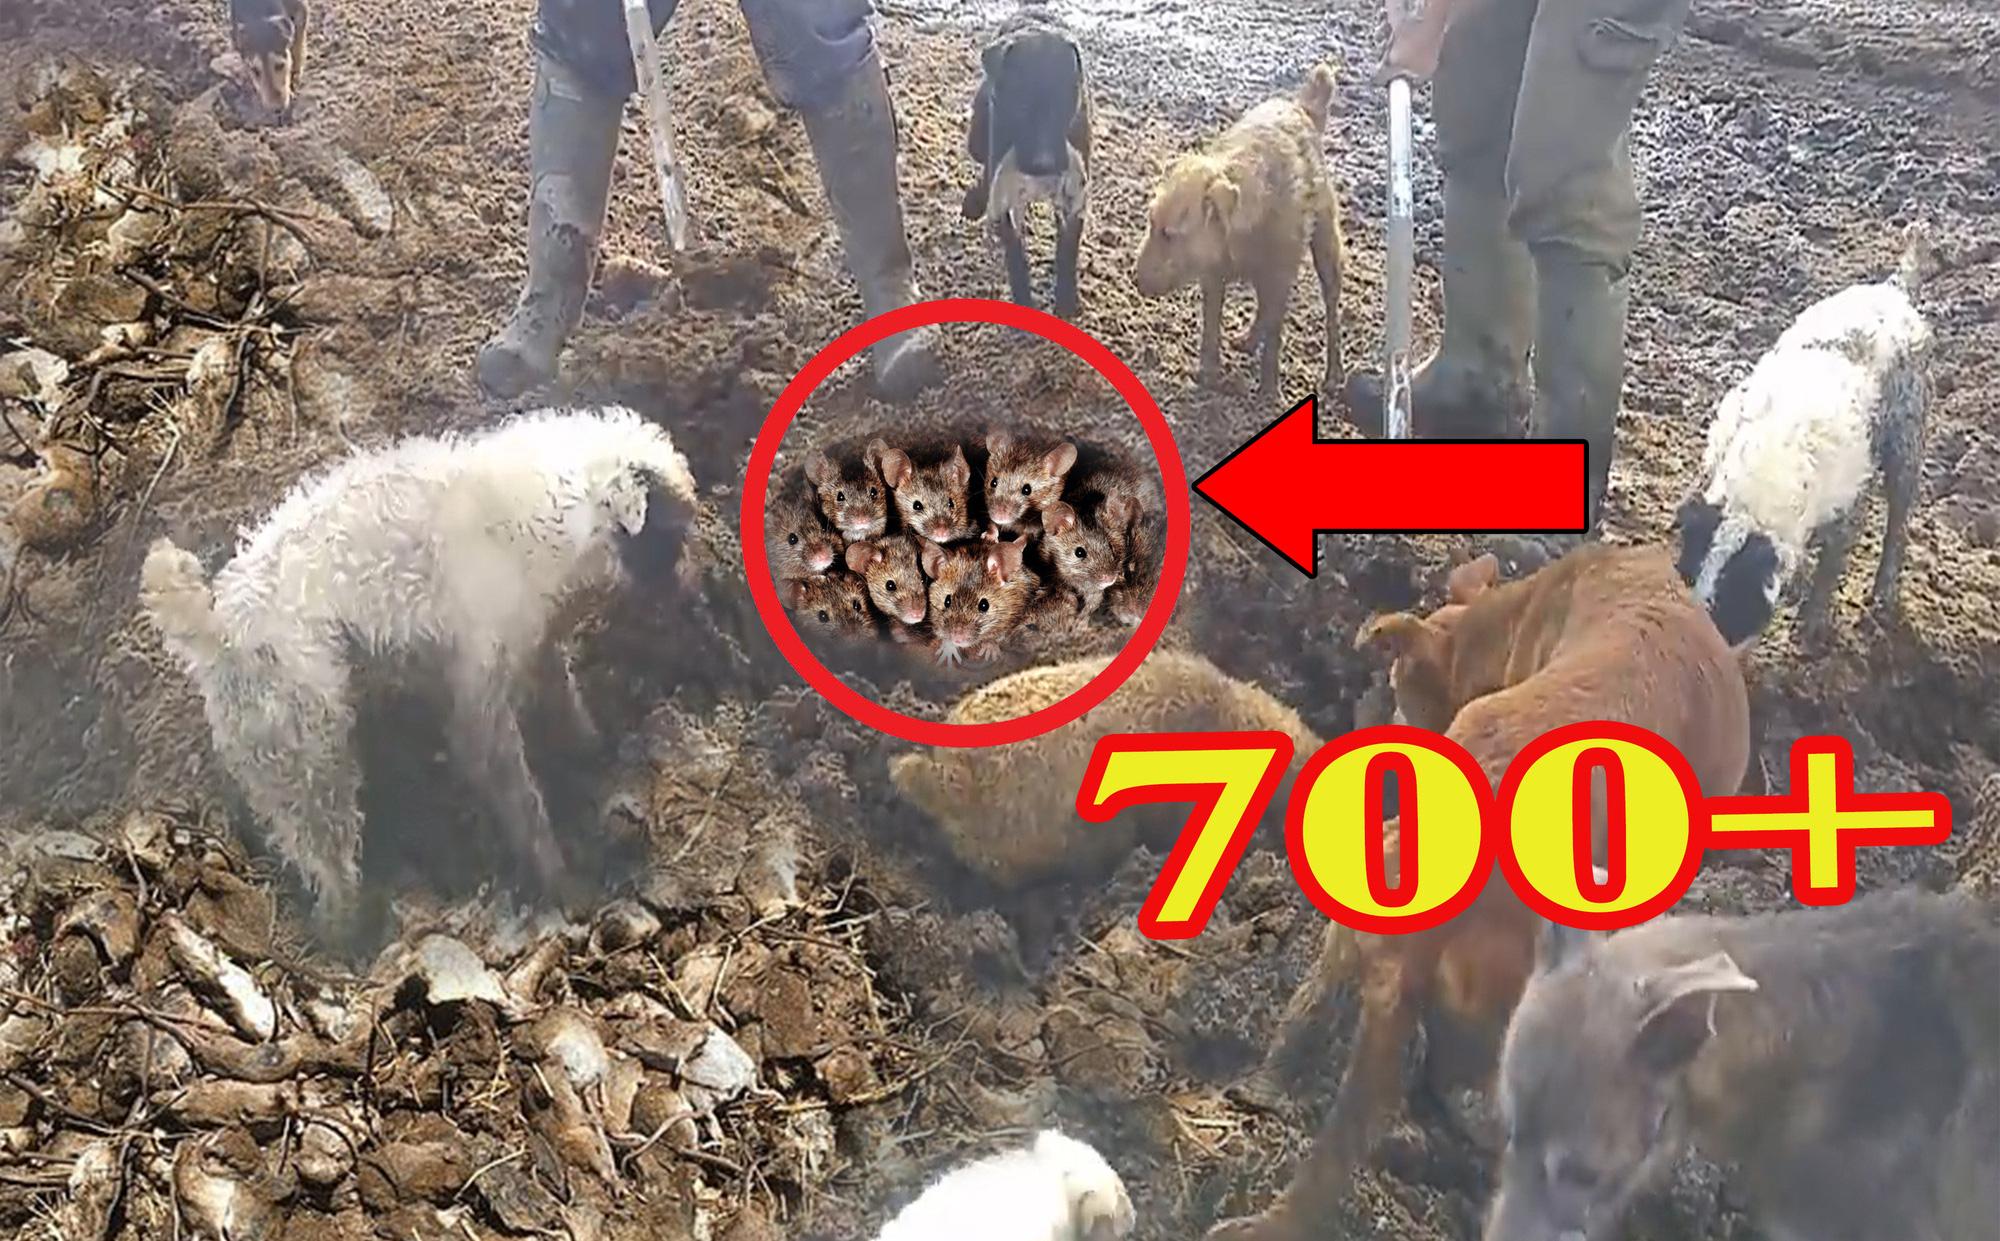 Người nông dân mang theo 'biệt đội chó' ra cánh đồng, kết quả hơn 700 con chuột bị tiêu diệt!